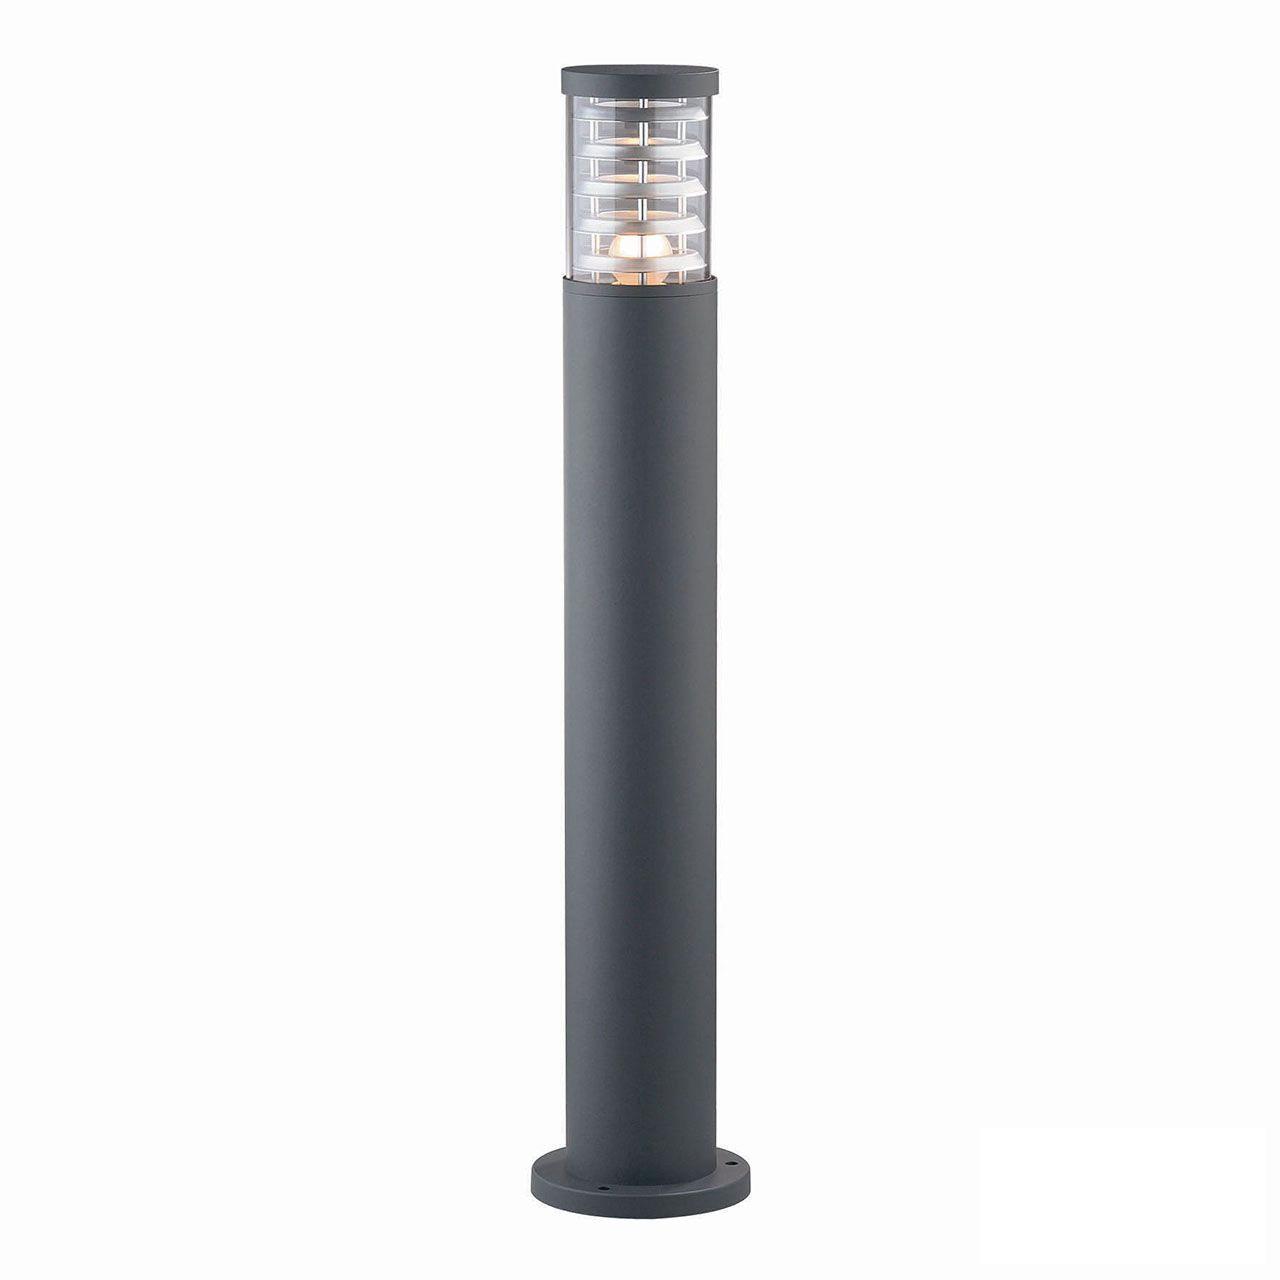 Фото - Напольный светильник Ideal Lux, E27 уличный светильник ideal lux bamboo antracite bamboo pt1 big antracite